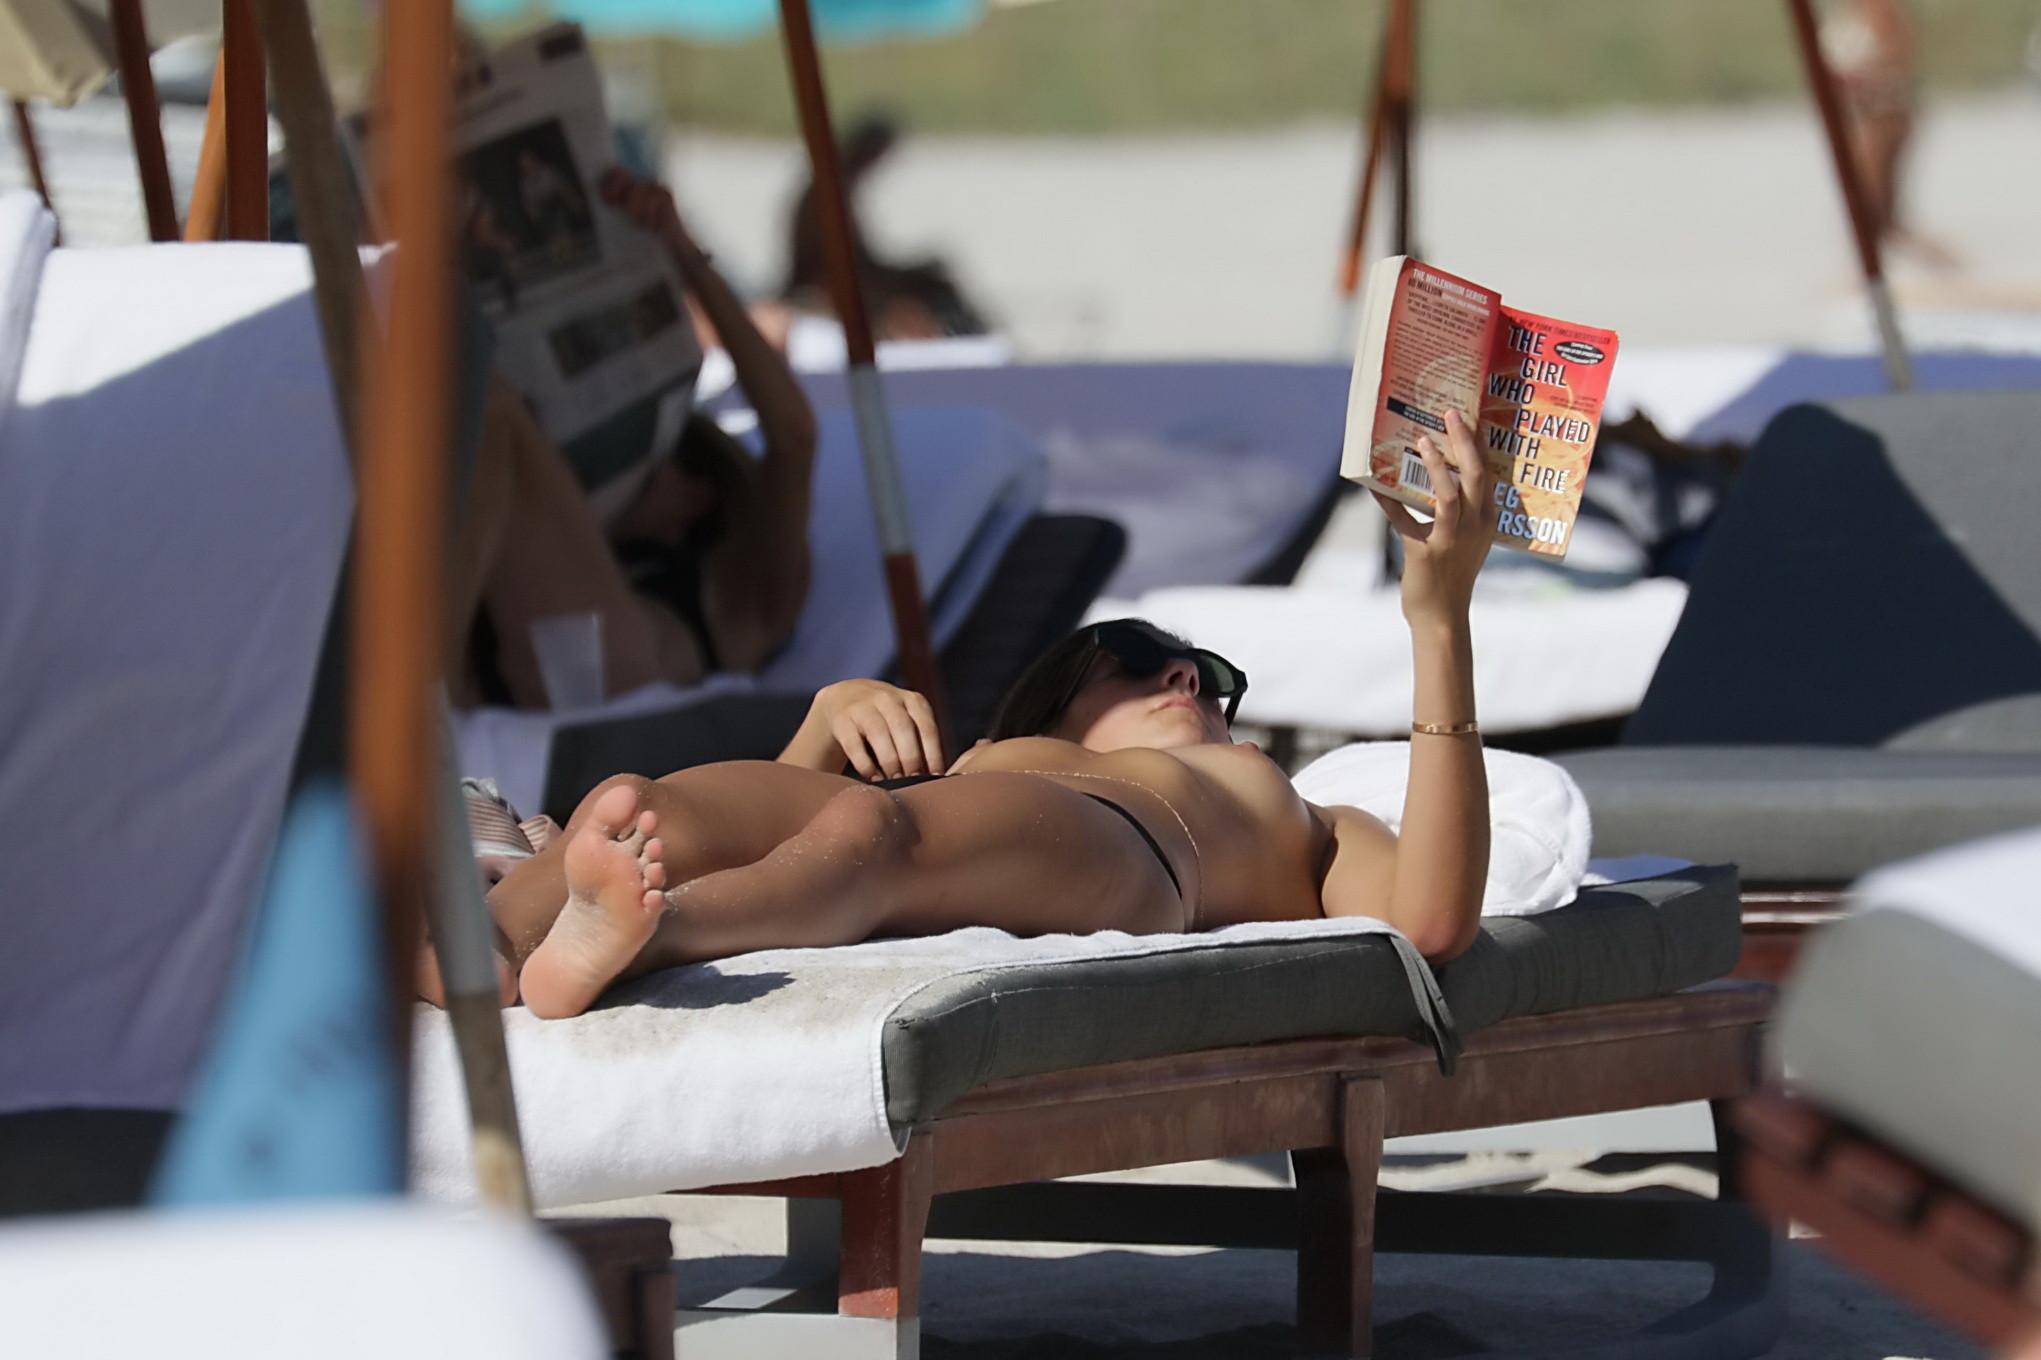 Люси Арагон показывает свое тело на пляже, а под лучами палящего солнца она решает оказаться без лифа